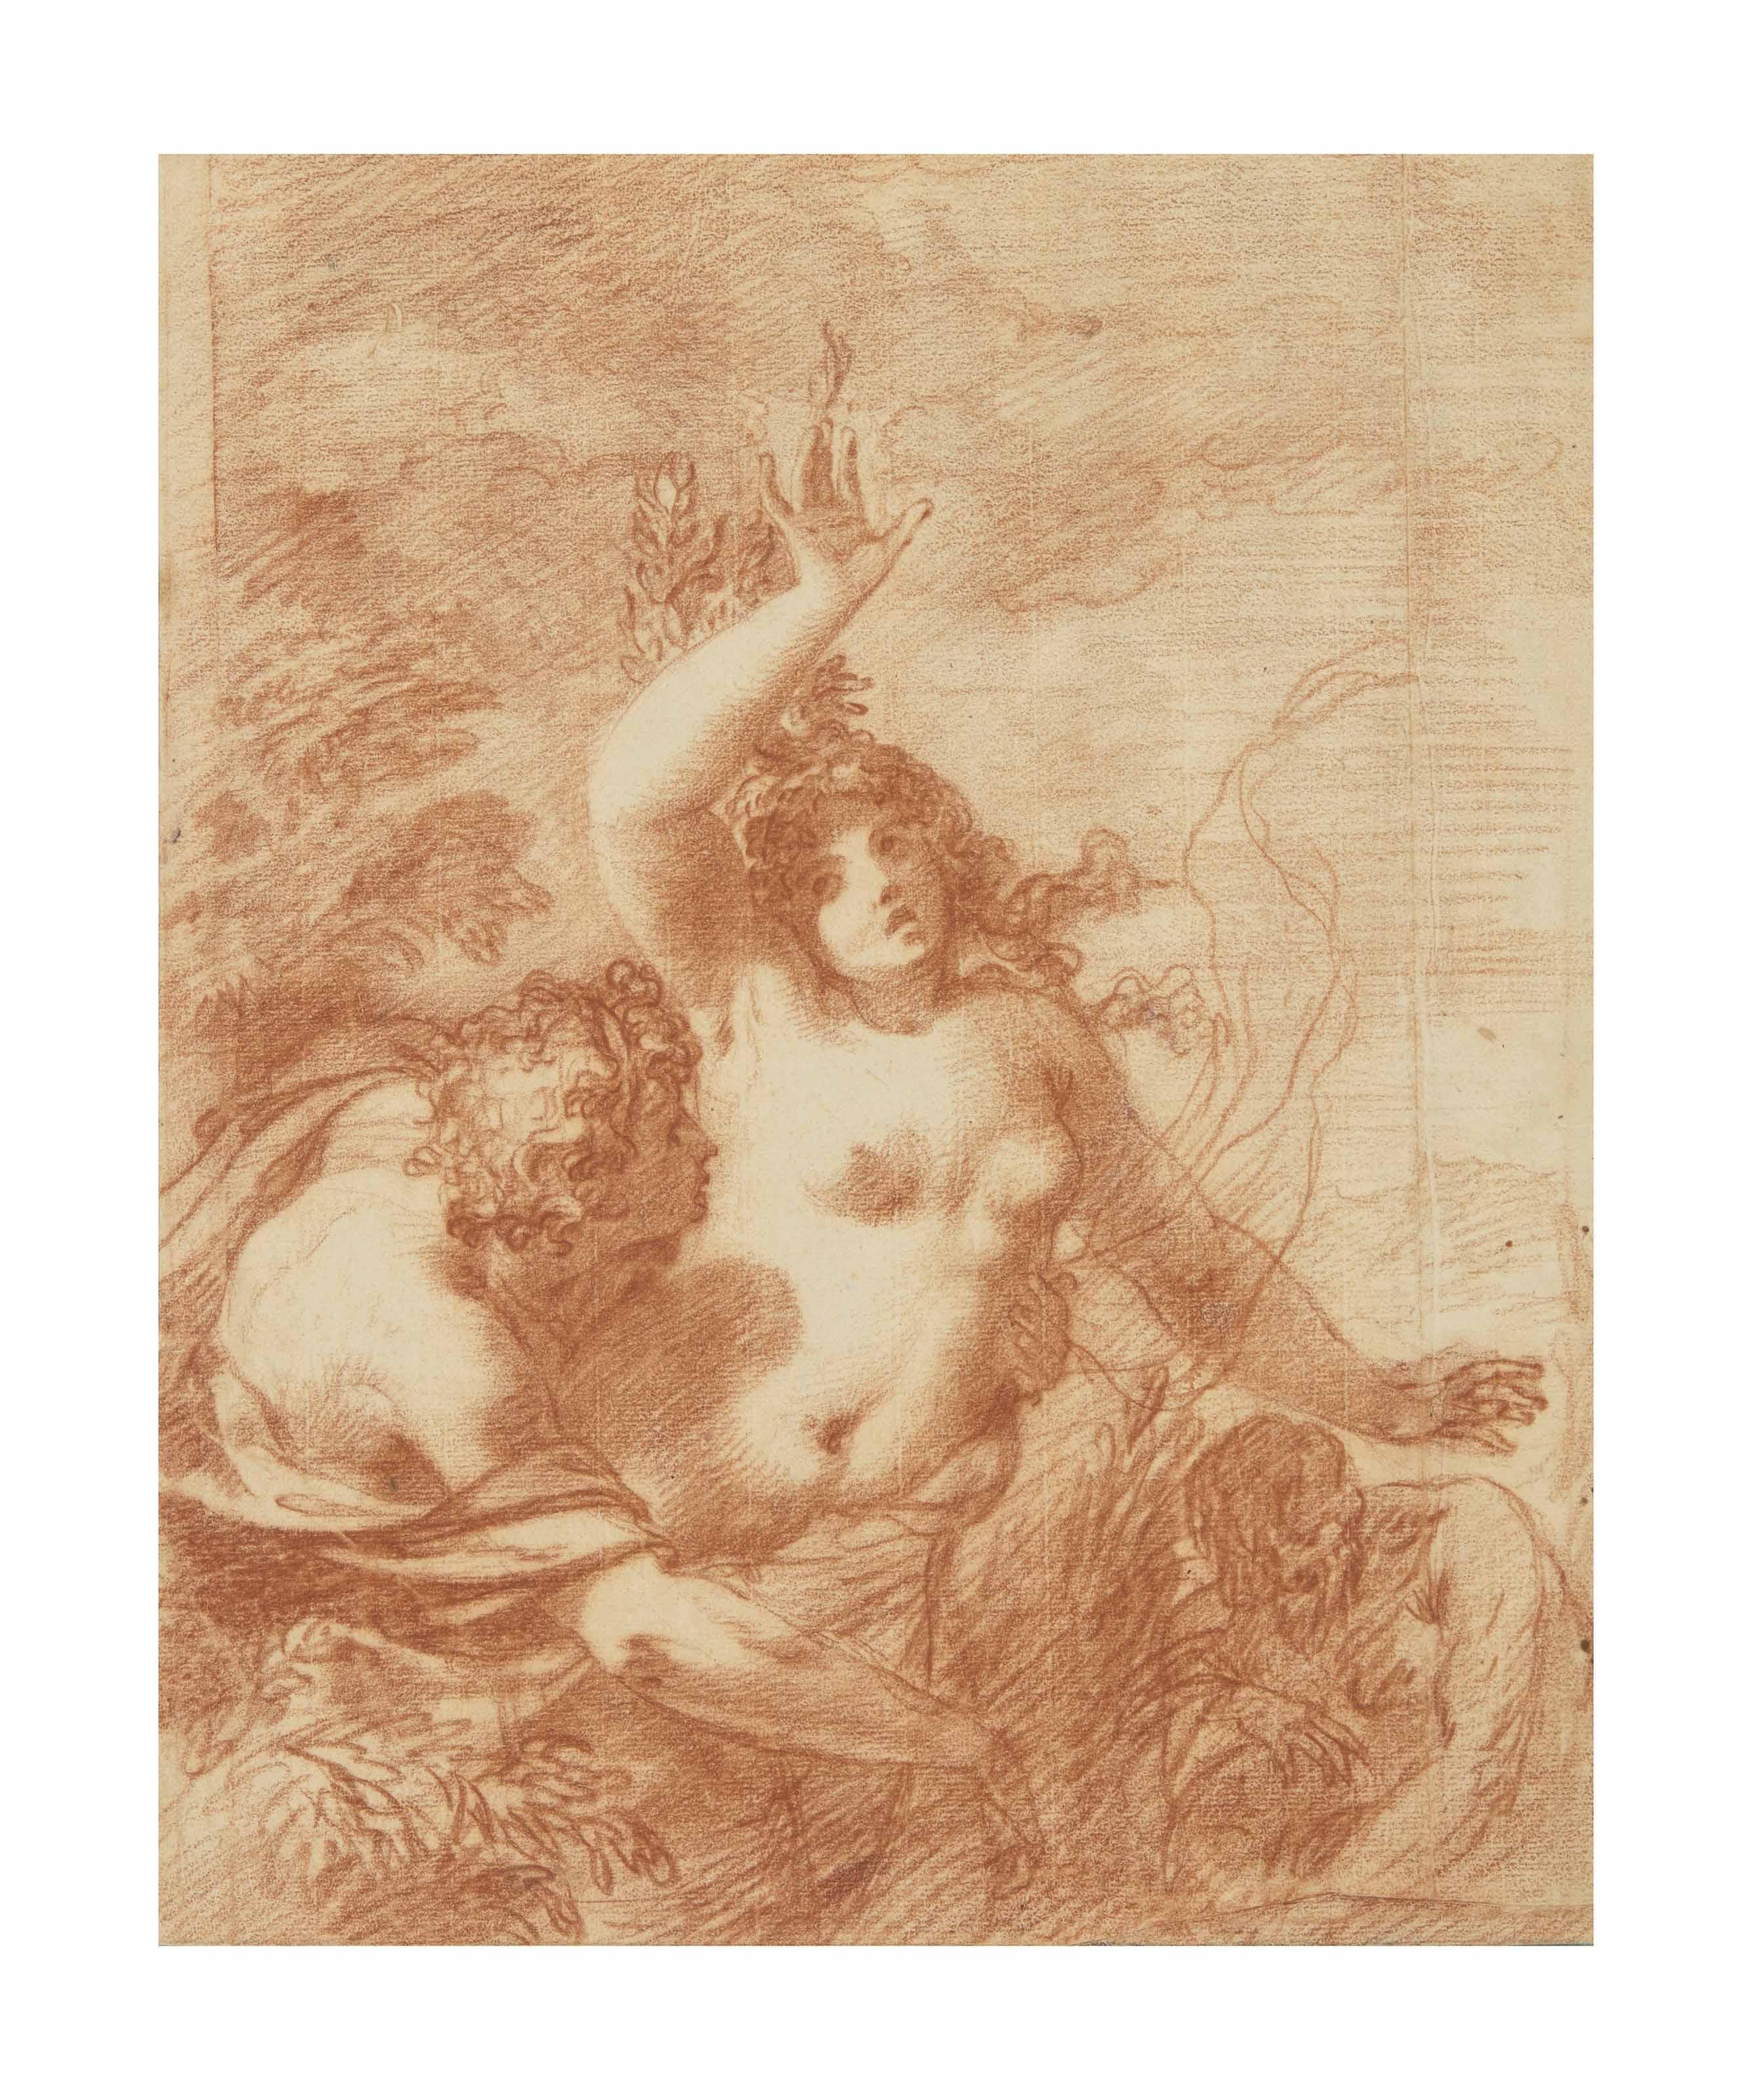 Apollo and Daphne (recto); Fragmentary sketches (verso)